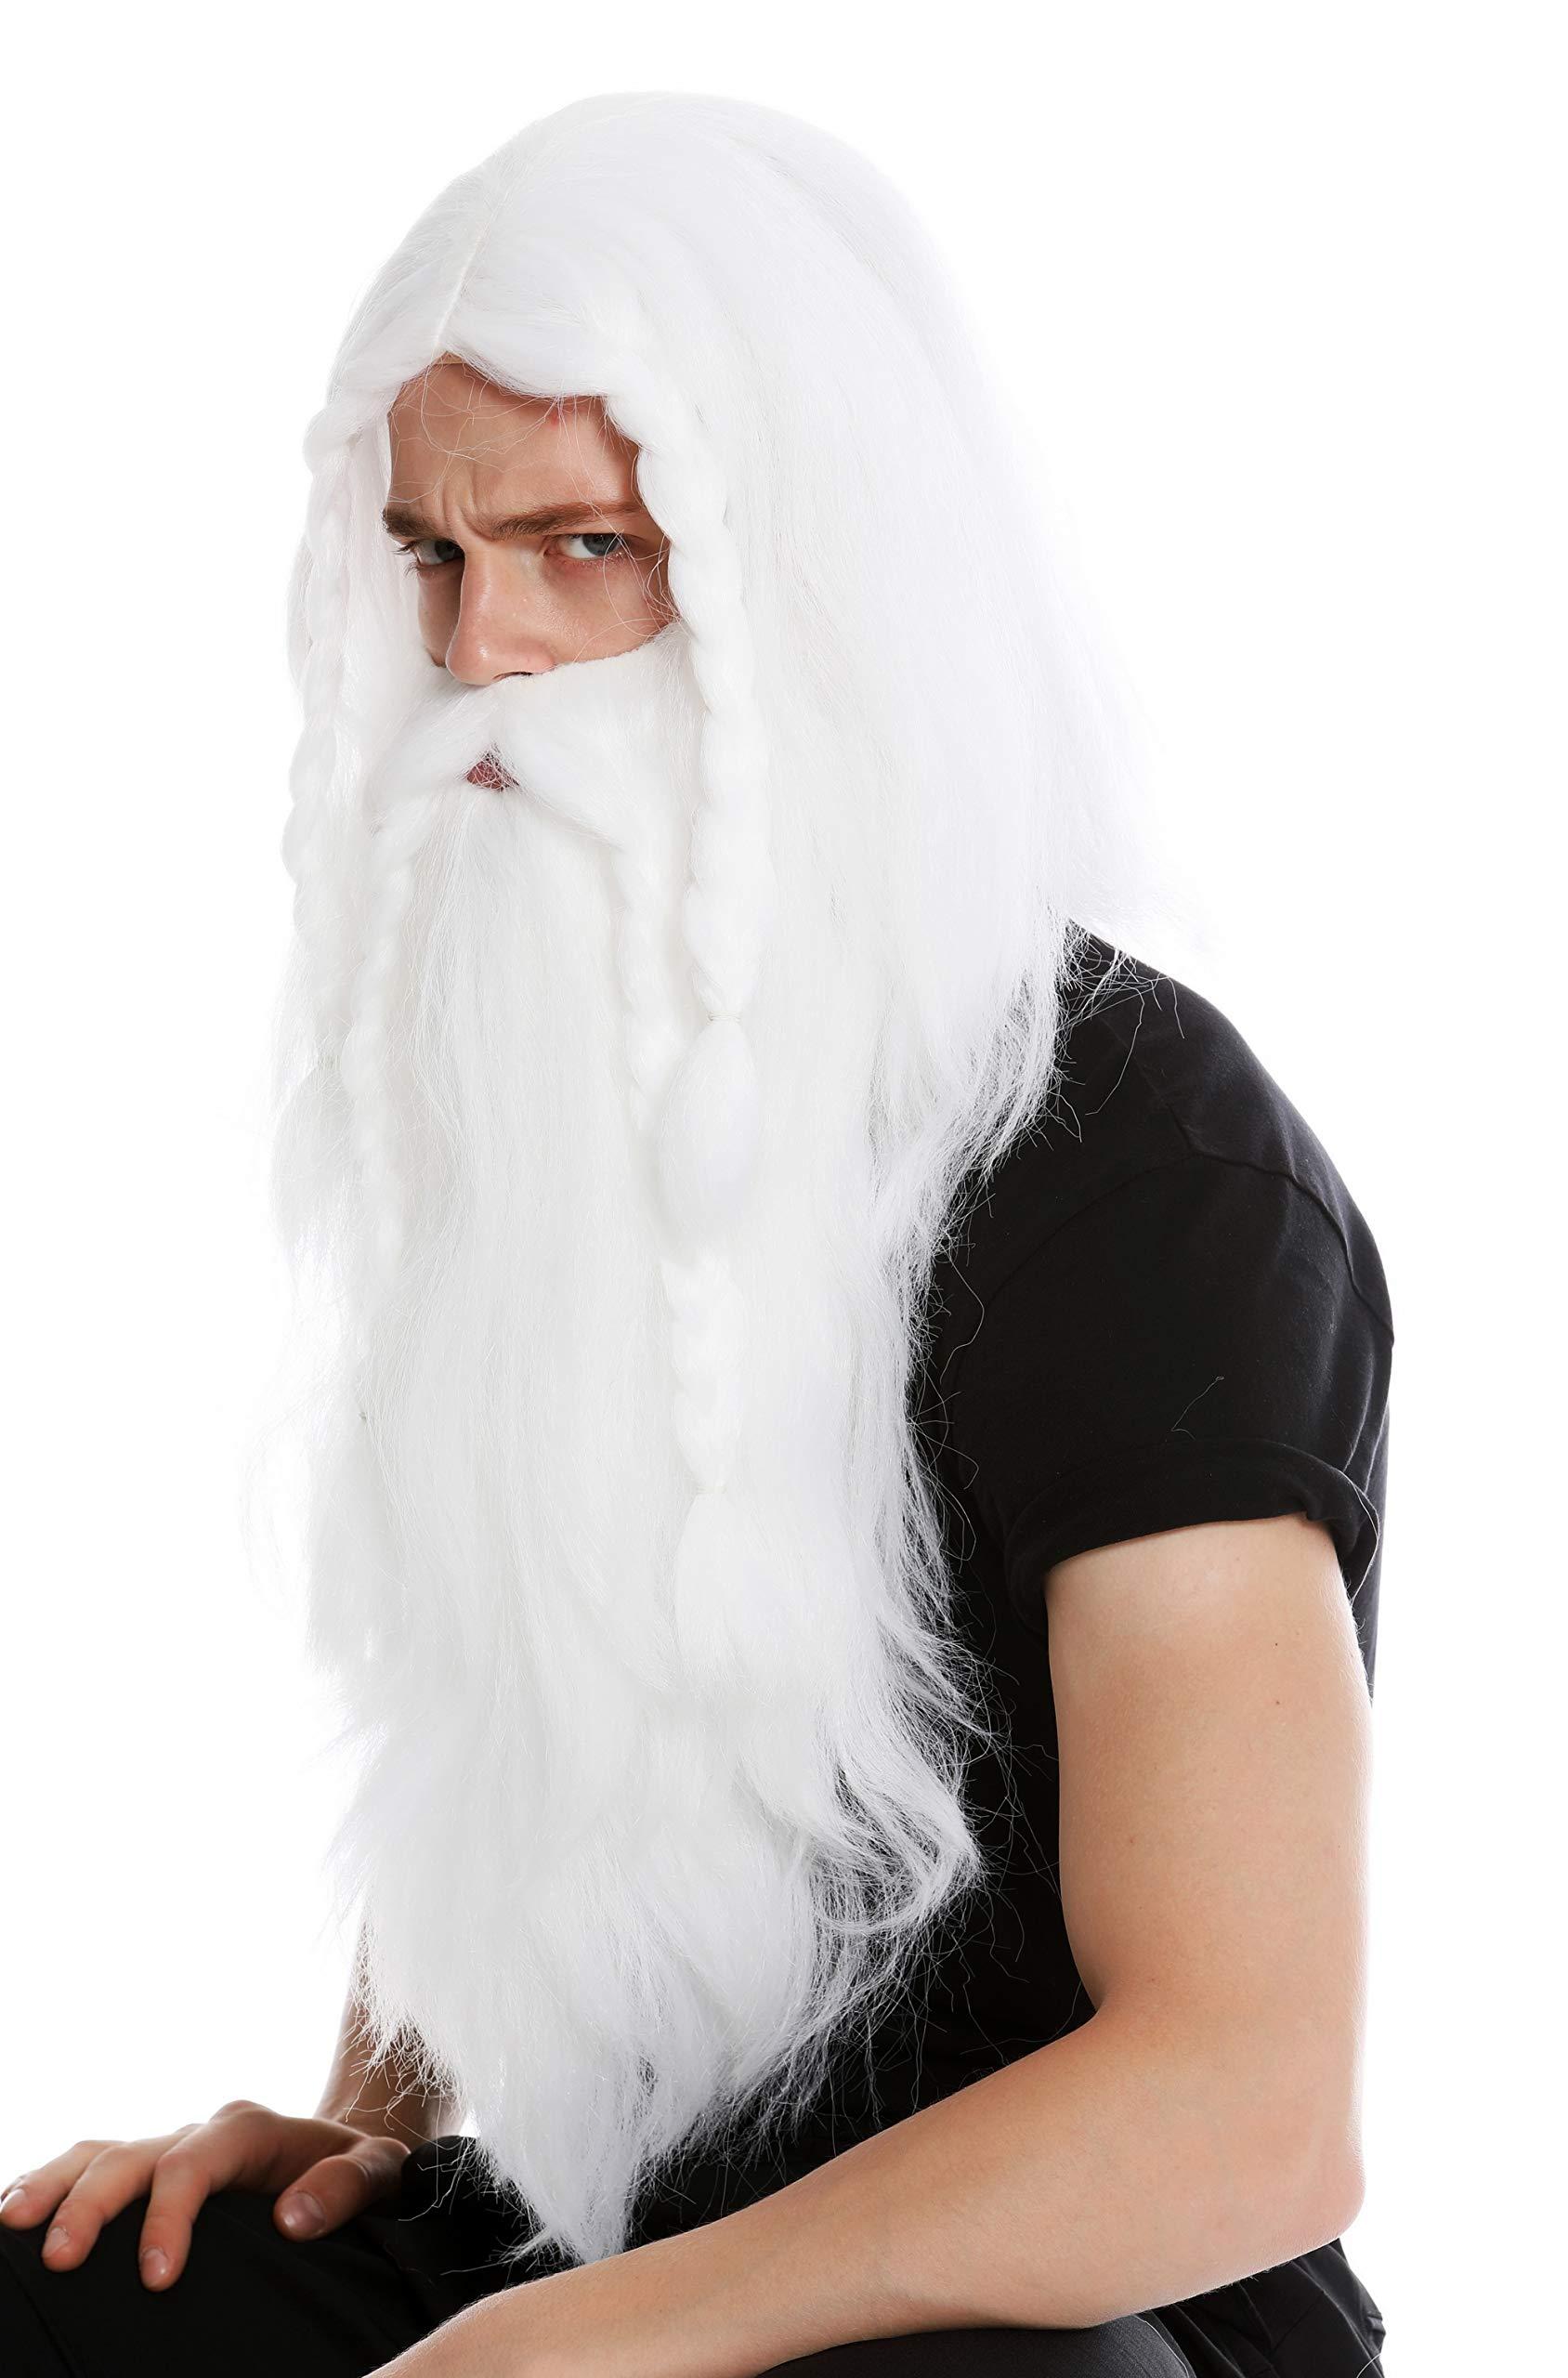 WIG ME UP- RJ033-P60 Peluca Larga Blanca y Barba Trenzada para Hombre Carnaval Vikingo bárbaro Enano Germano Viejo: Amazon.es: Juguetes y juegos